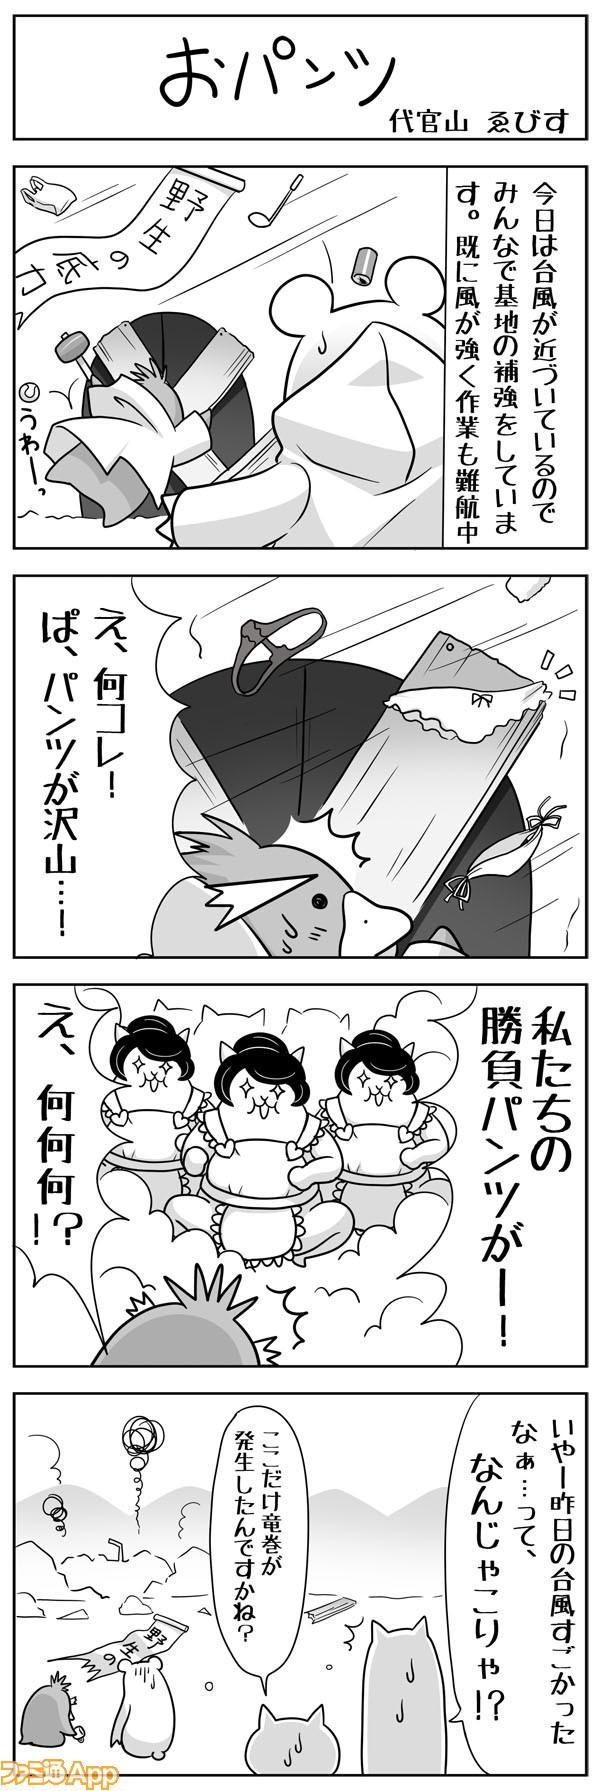 01daik_065